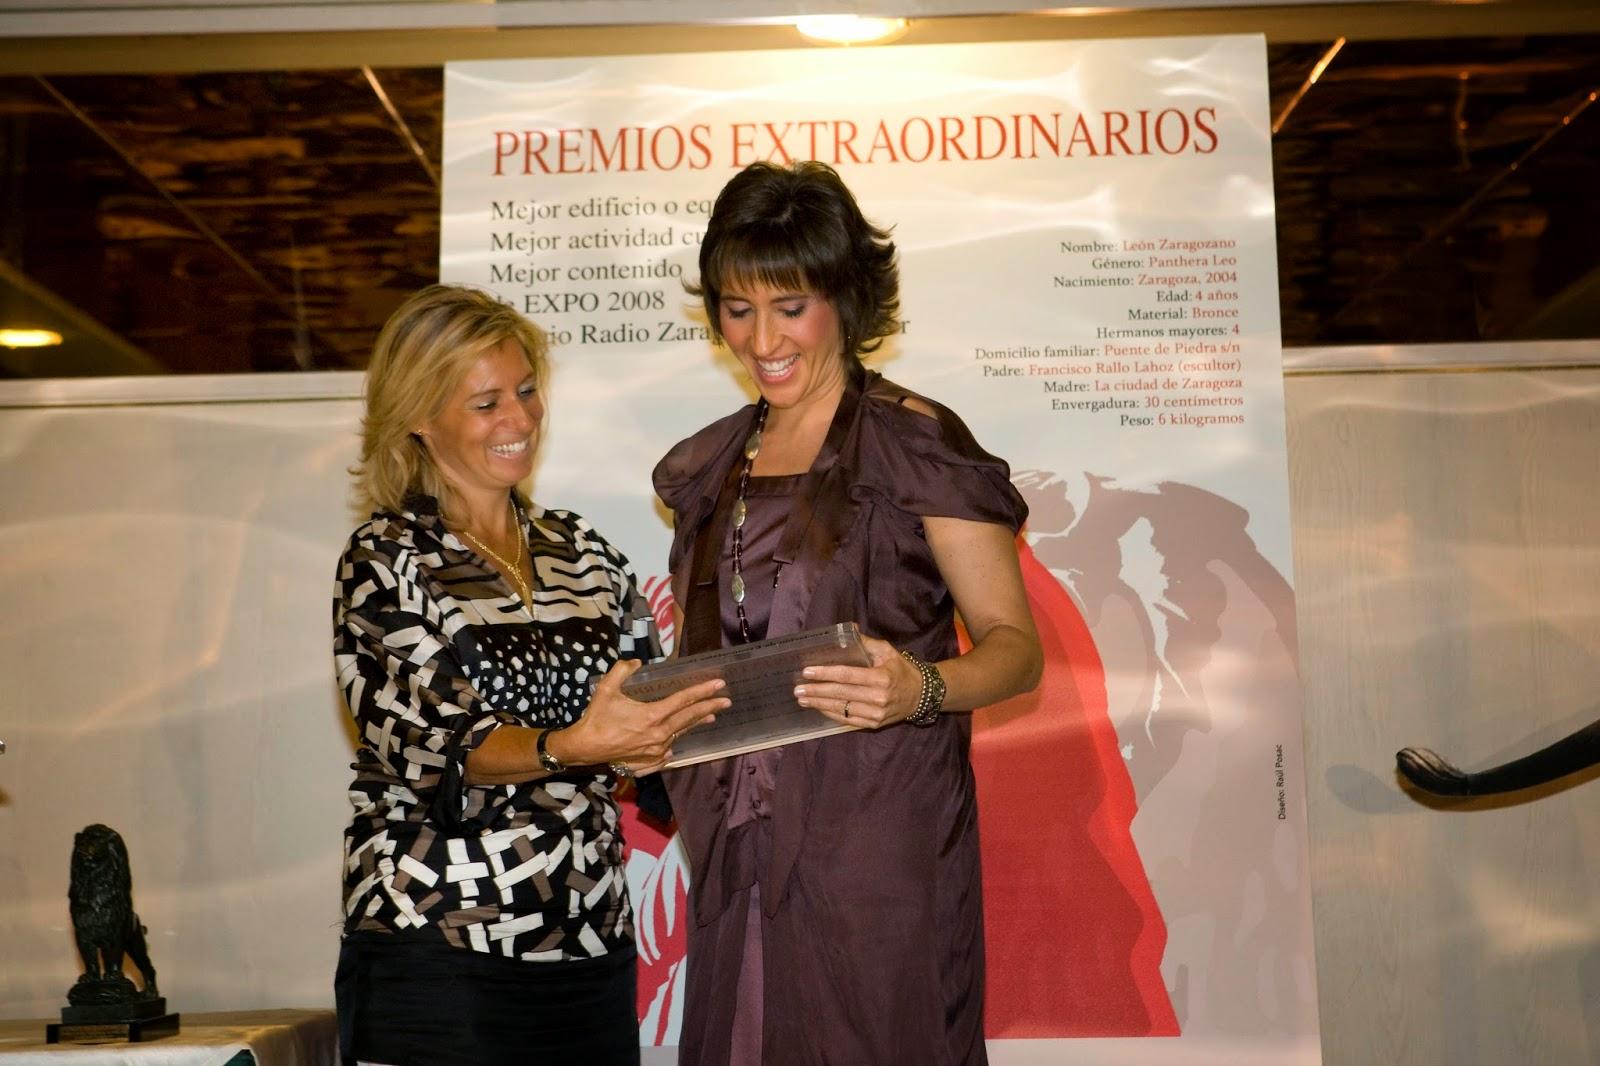 PREMIOS EXTRAORDINARIOS EXPO 2008